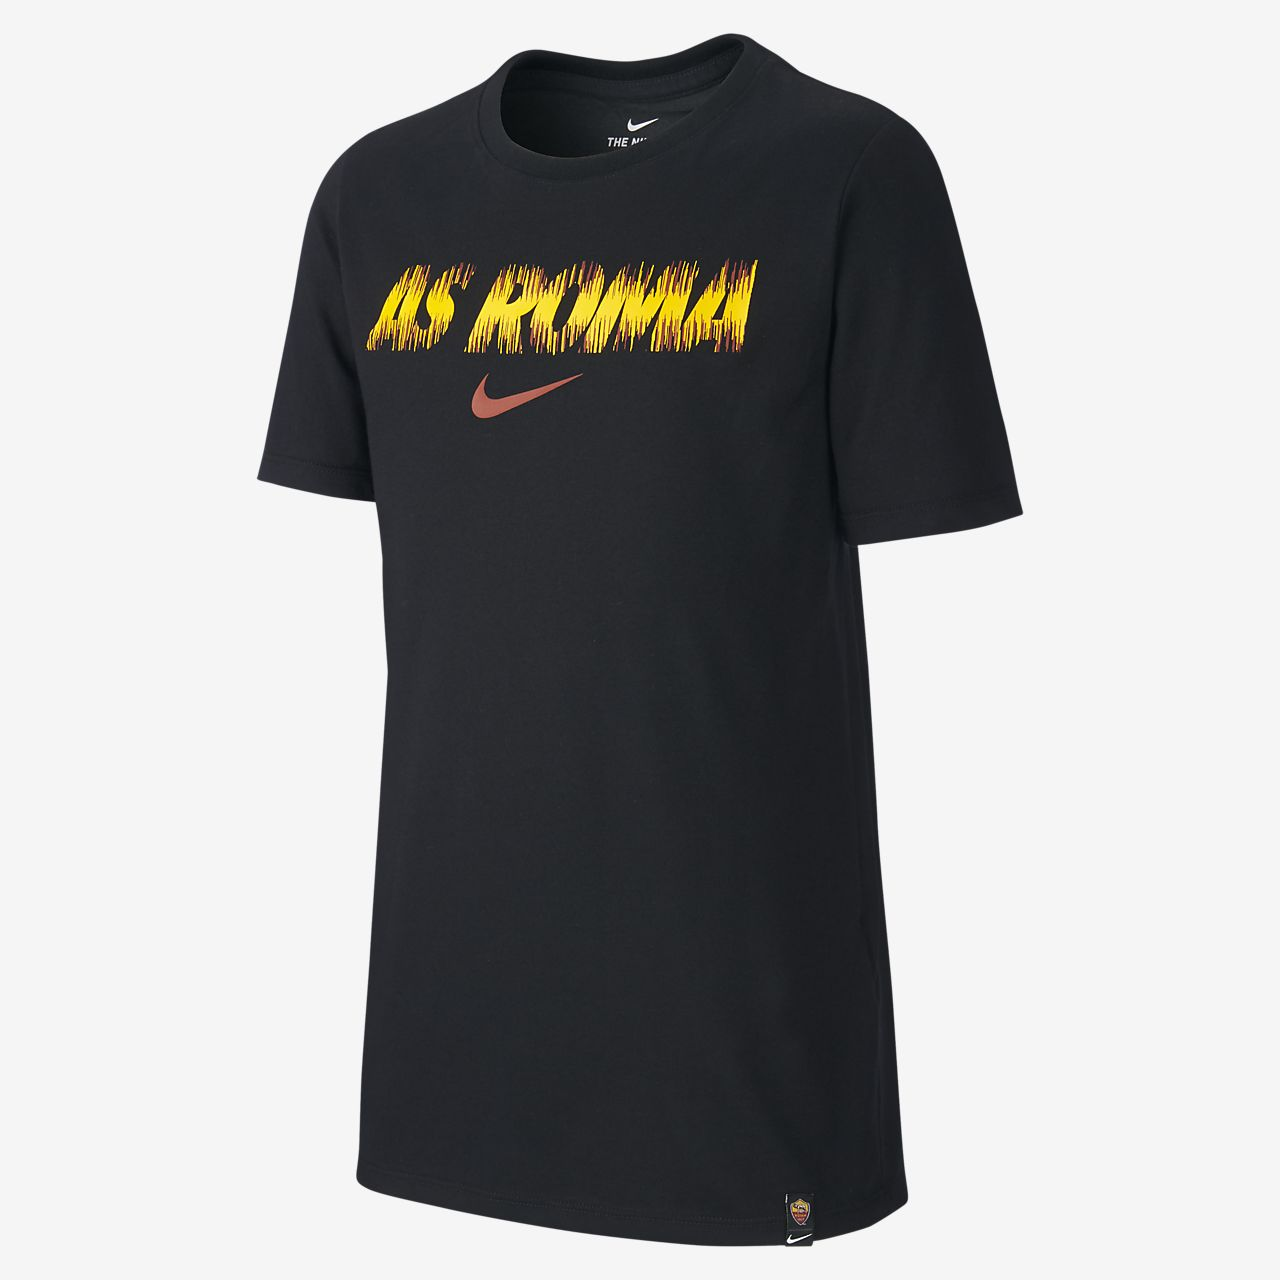 T-shirt da calcio Nike Dri-FIT A.S. Roma - Ragazzi